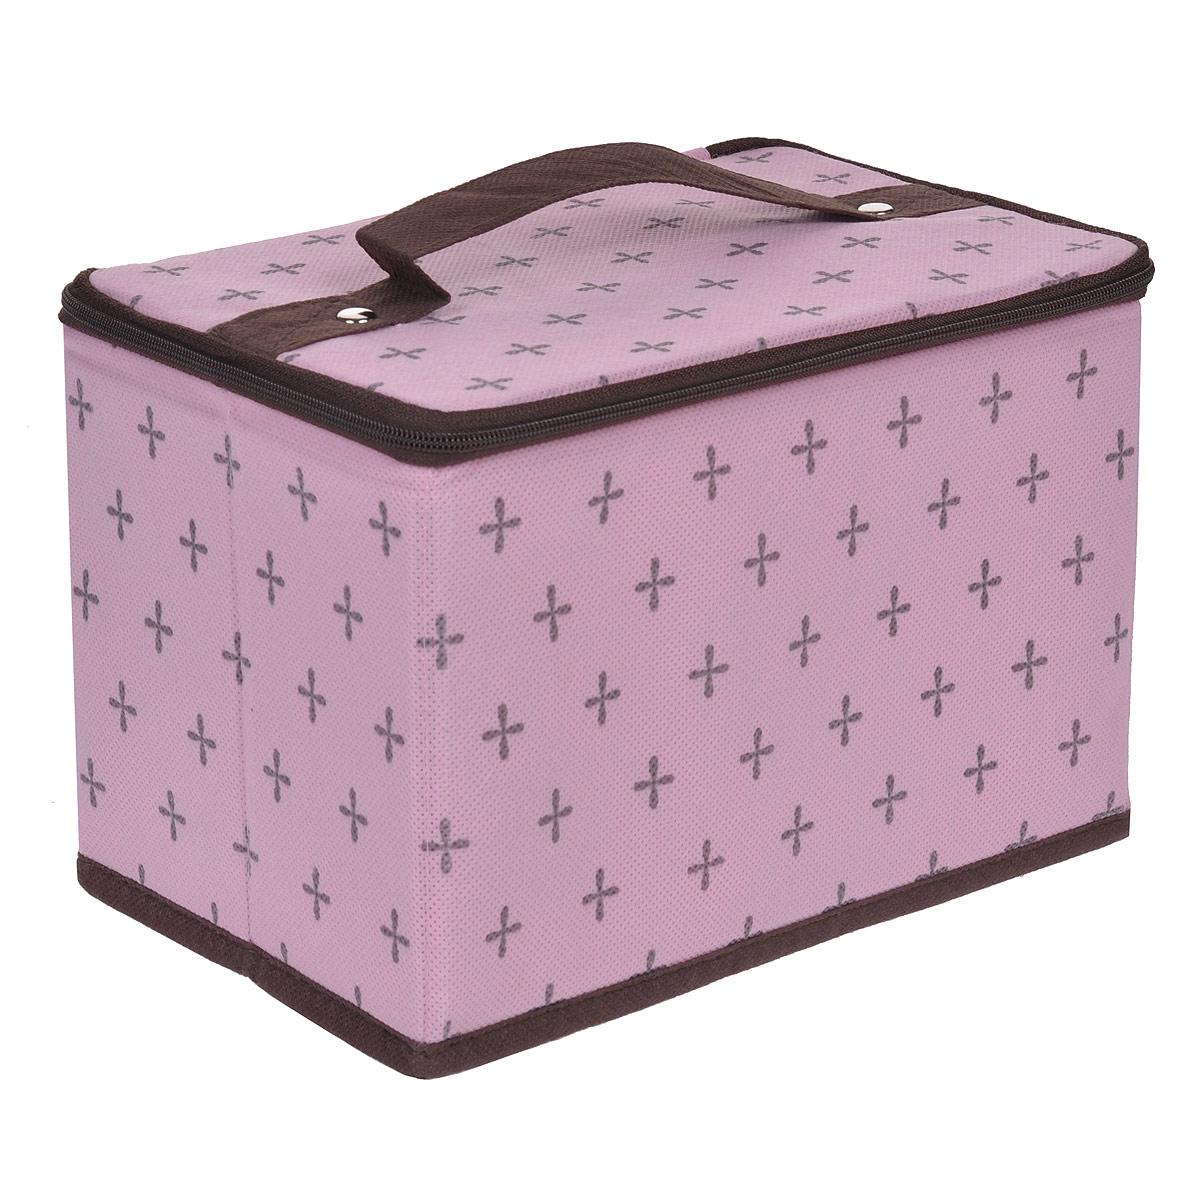 Кофр для хранения FS-6123, цвет: розовый, 22 см х 14 см х 15 смFS-6123Кофр для хранения FS-6123 изготовлен из высококачественного нетканого материала, который позволяет сохранять естественную вентиляцию, а воздуху свободно проникать внутрь, не пропуская пыль. Благодаря специальным вставкам, кофр прекрасно держит форму, а эстетичный дизайн гармонично смотрится в любом интерьере. Внутри кофра - накладной карман на задней стенке. На внутренней стороне крышки расположено 5 узких продолговатых карманов и крепление в виде резинки. Кофр закрывается крышкой на застежку-молнию, сверху имеется ручка. Мобильность конструкции обеспечивает складывание и раскладывание одним движением.Такой кофр сэкономит место и сохранит порядок в доме. Характеристики:Материал: нетканый материал. Цвет: розовый. Размер кофра (Ш х Д х В): 22 см х 14 см х 15 см.